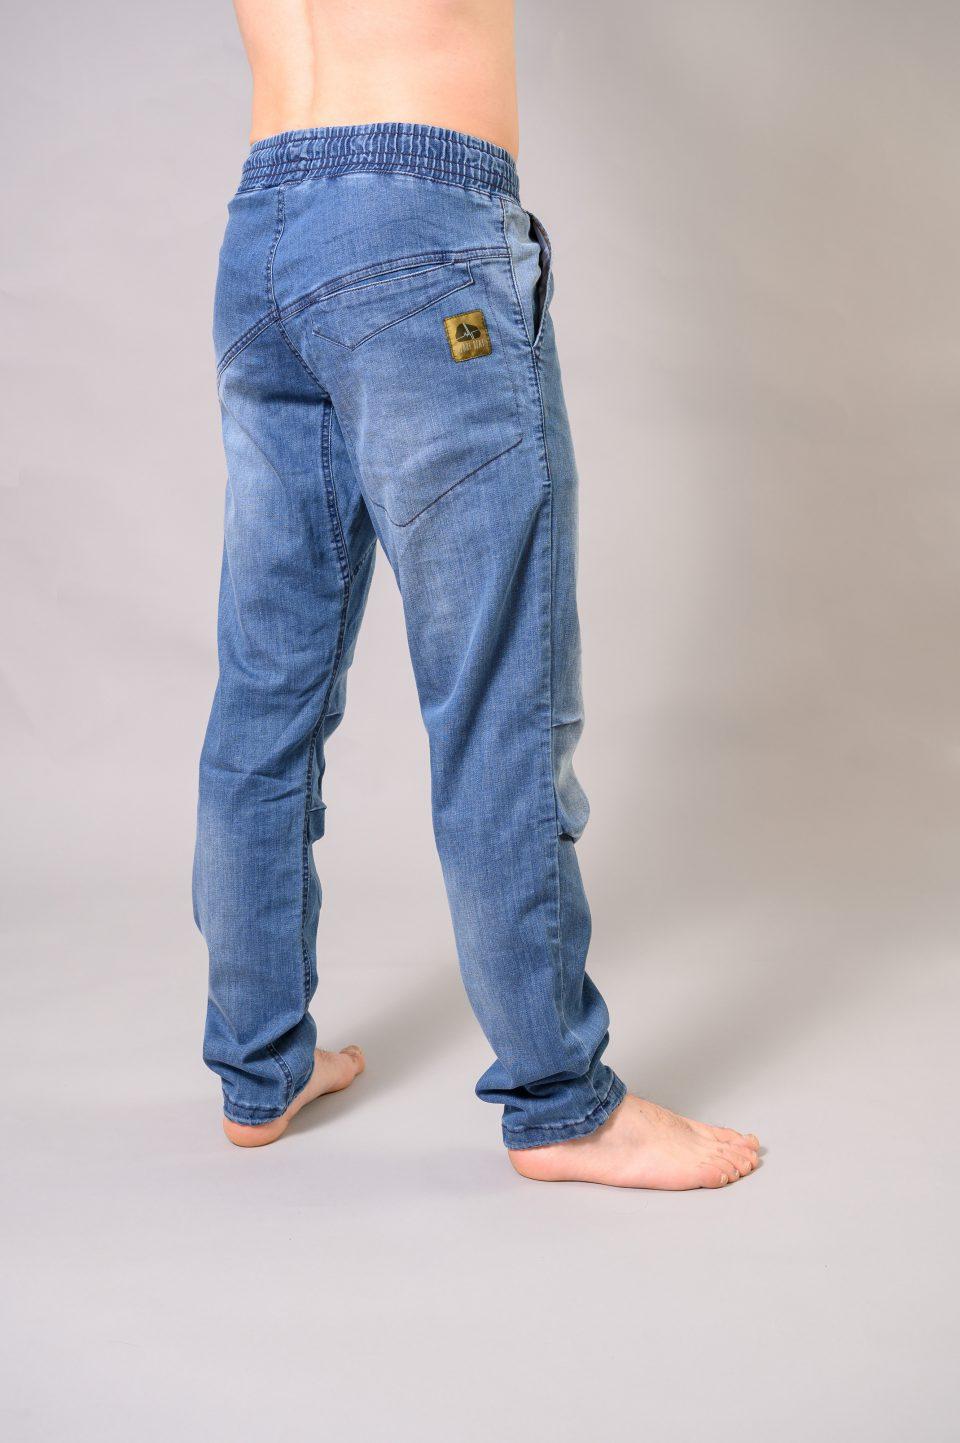 Spodnie Crosscut Jeans WERSJA LONG- light blue